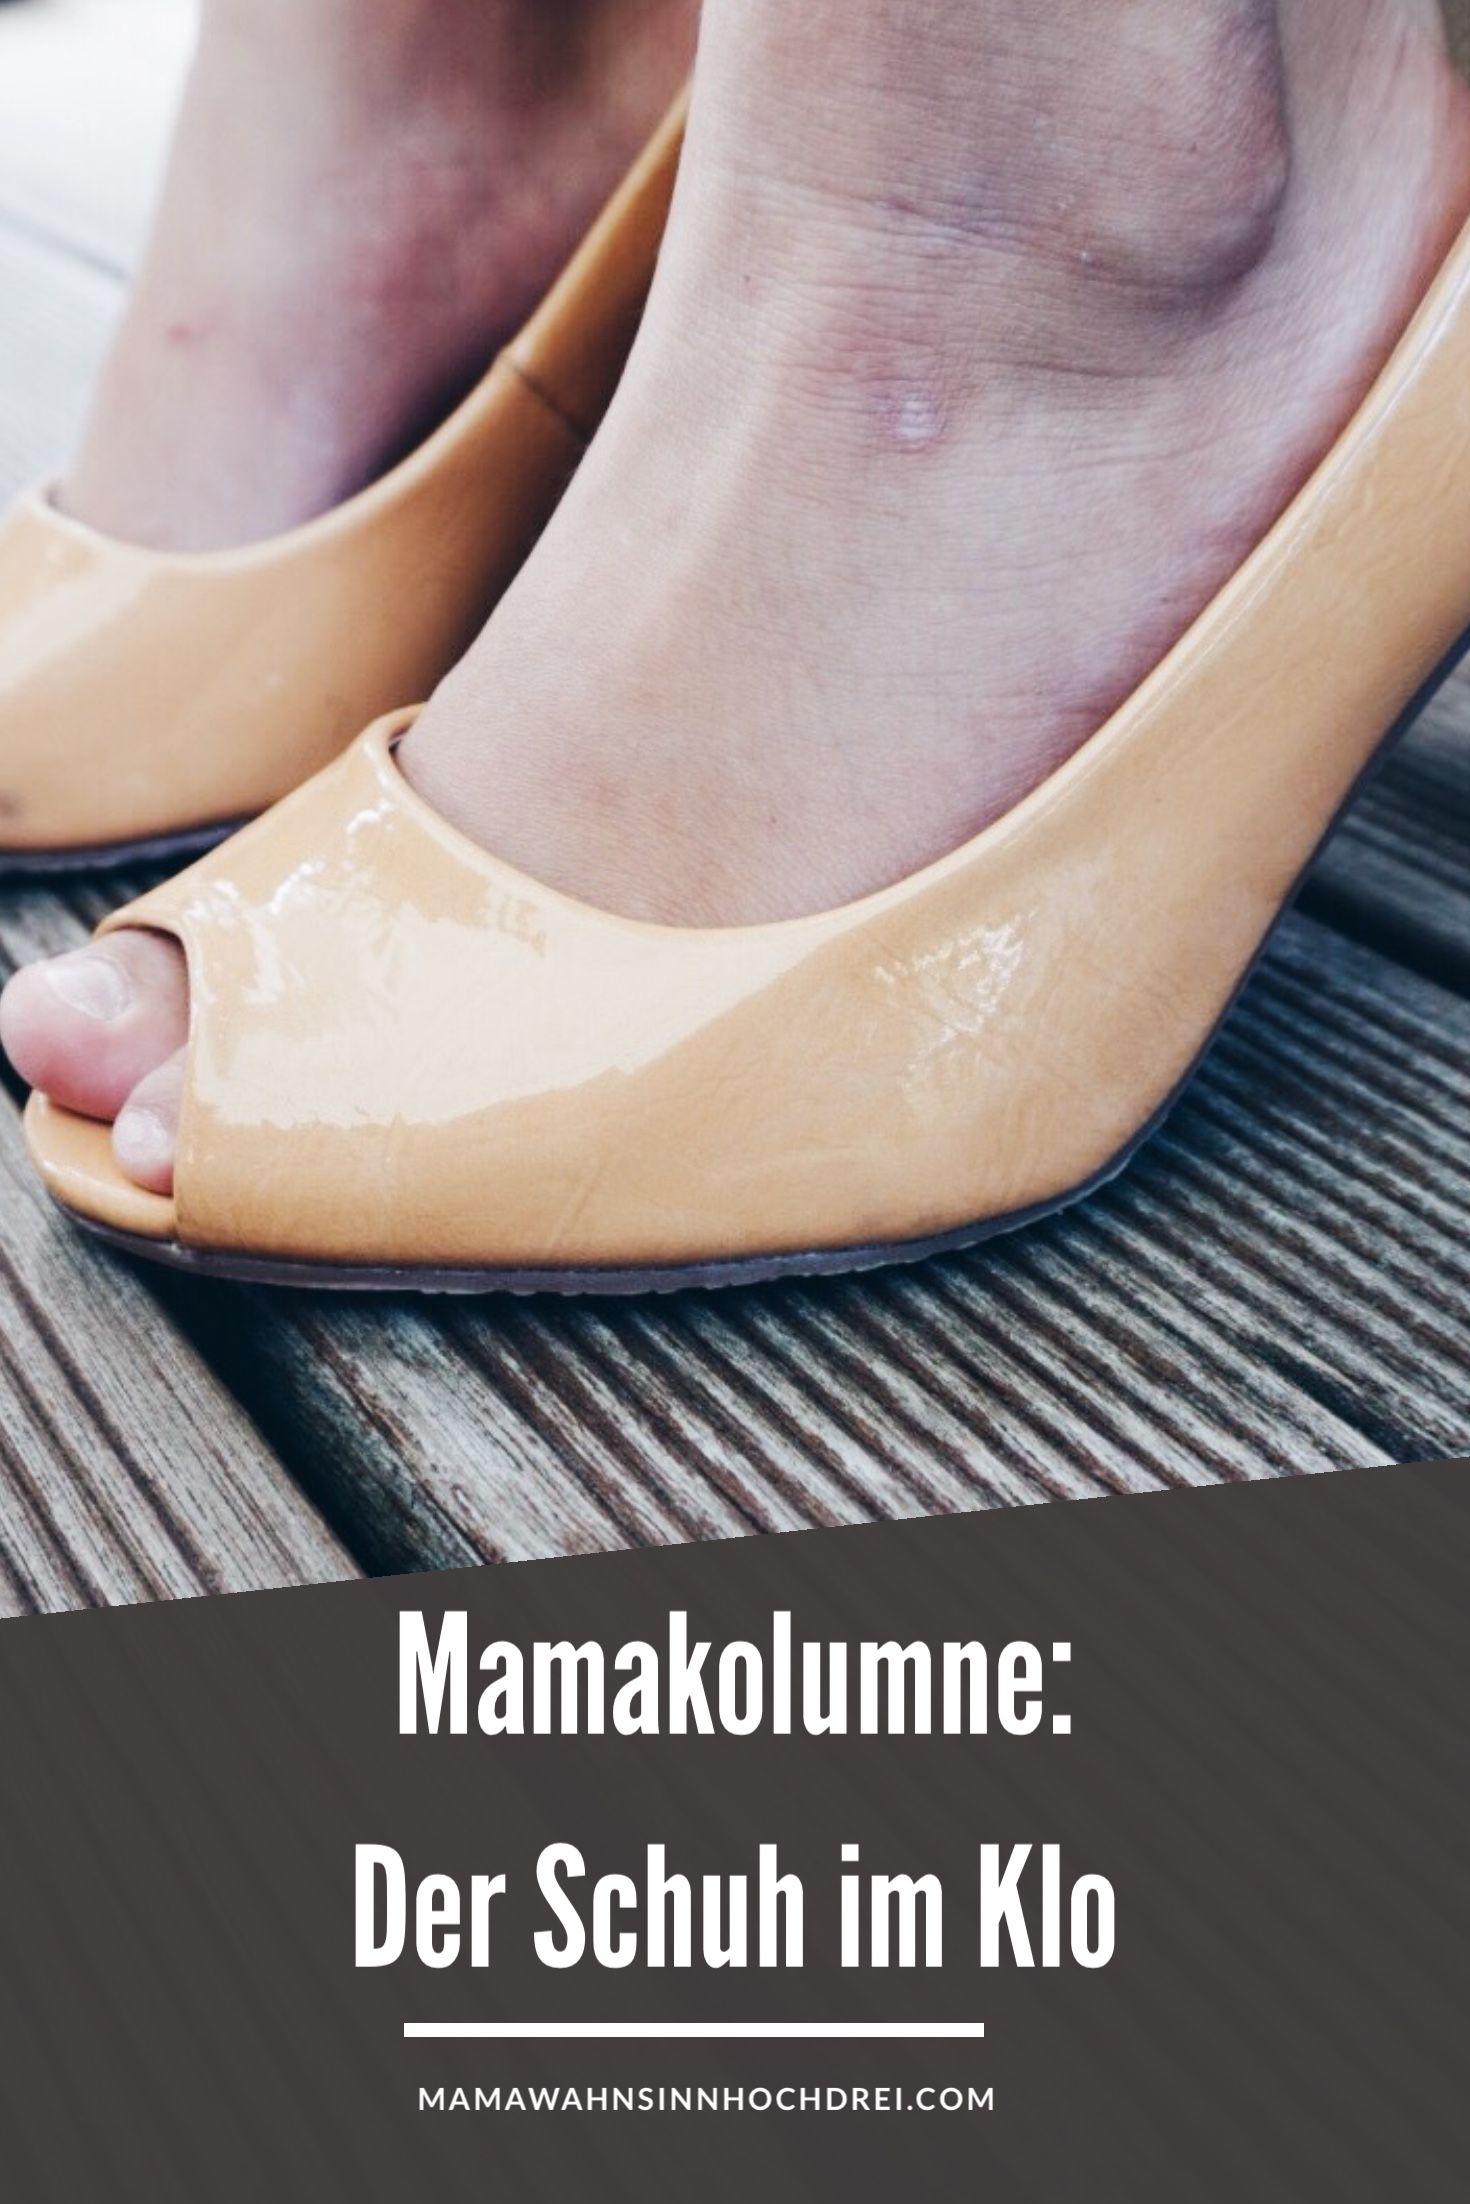 Der Schuh im Klo - eine Mamakolumne über Papa dem Helden